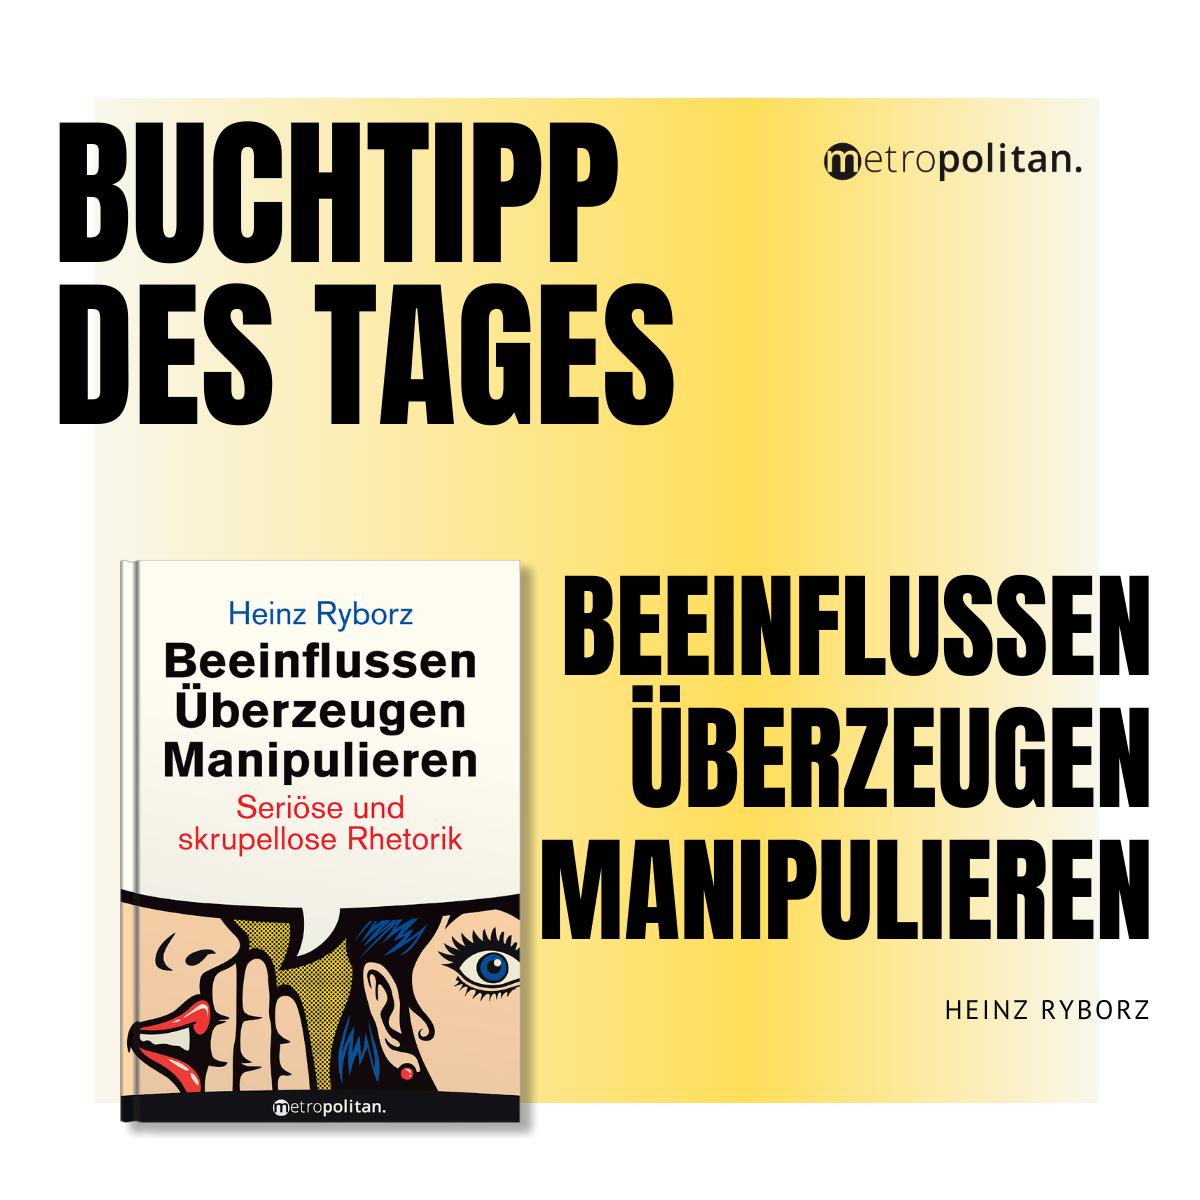 Buchtipp des Tages Beeinflussen Überzeugen Manipulieren Heinz Ryborz metropolitan